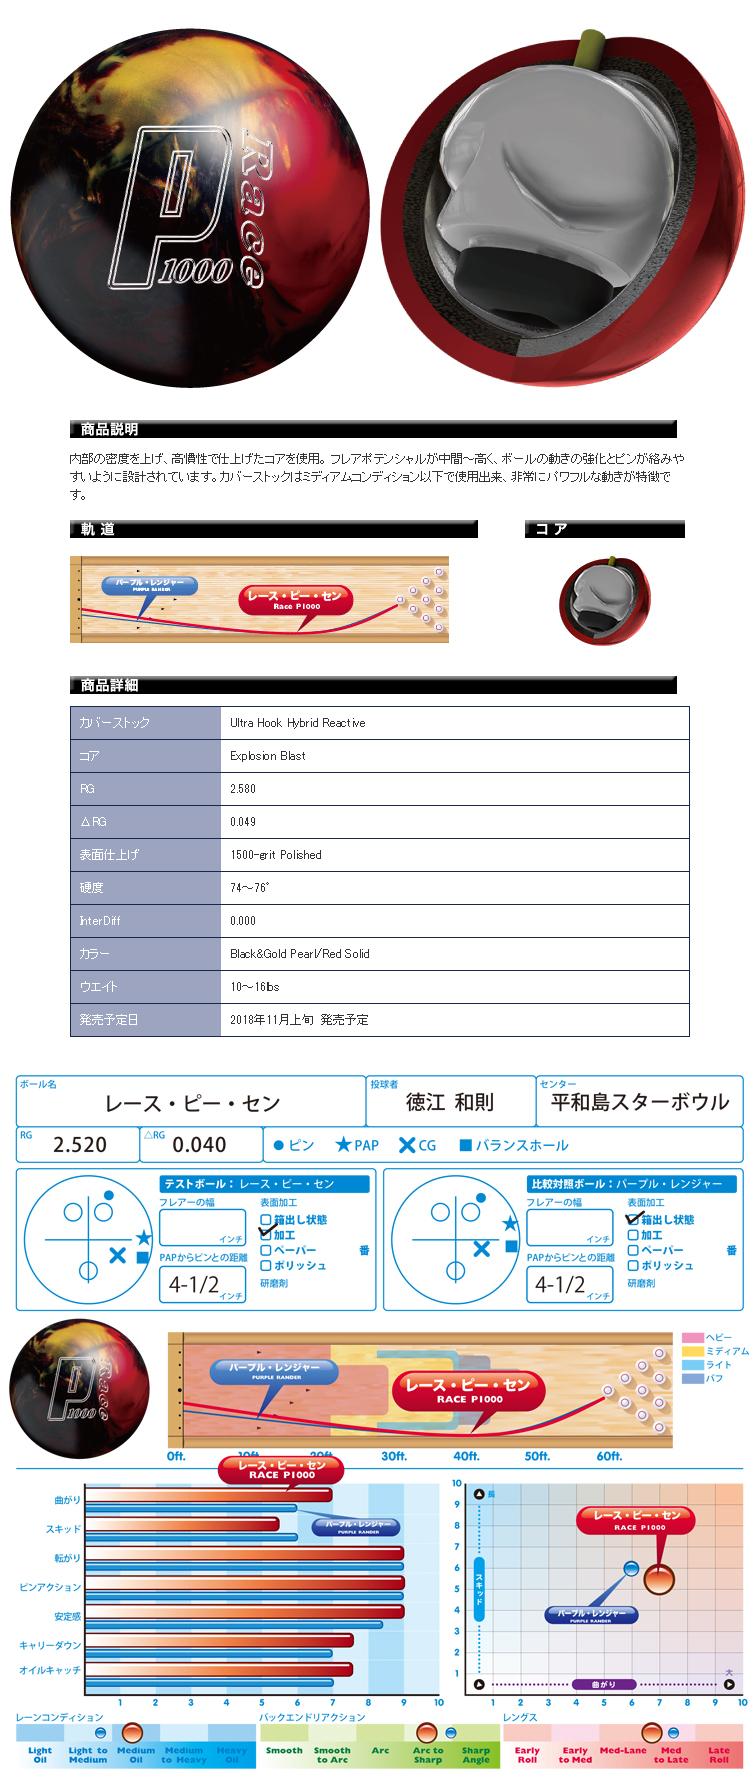 ボウリング用品 ボウリングボール ABS プロアマ レース P1000 PROam Race P1000